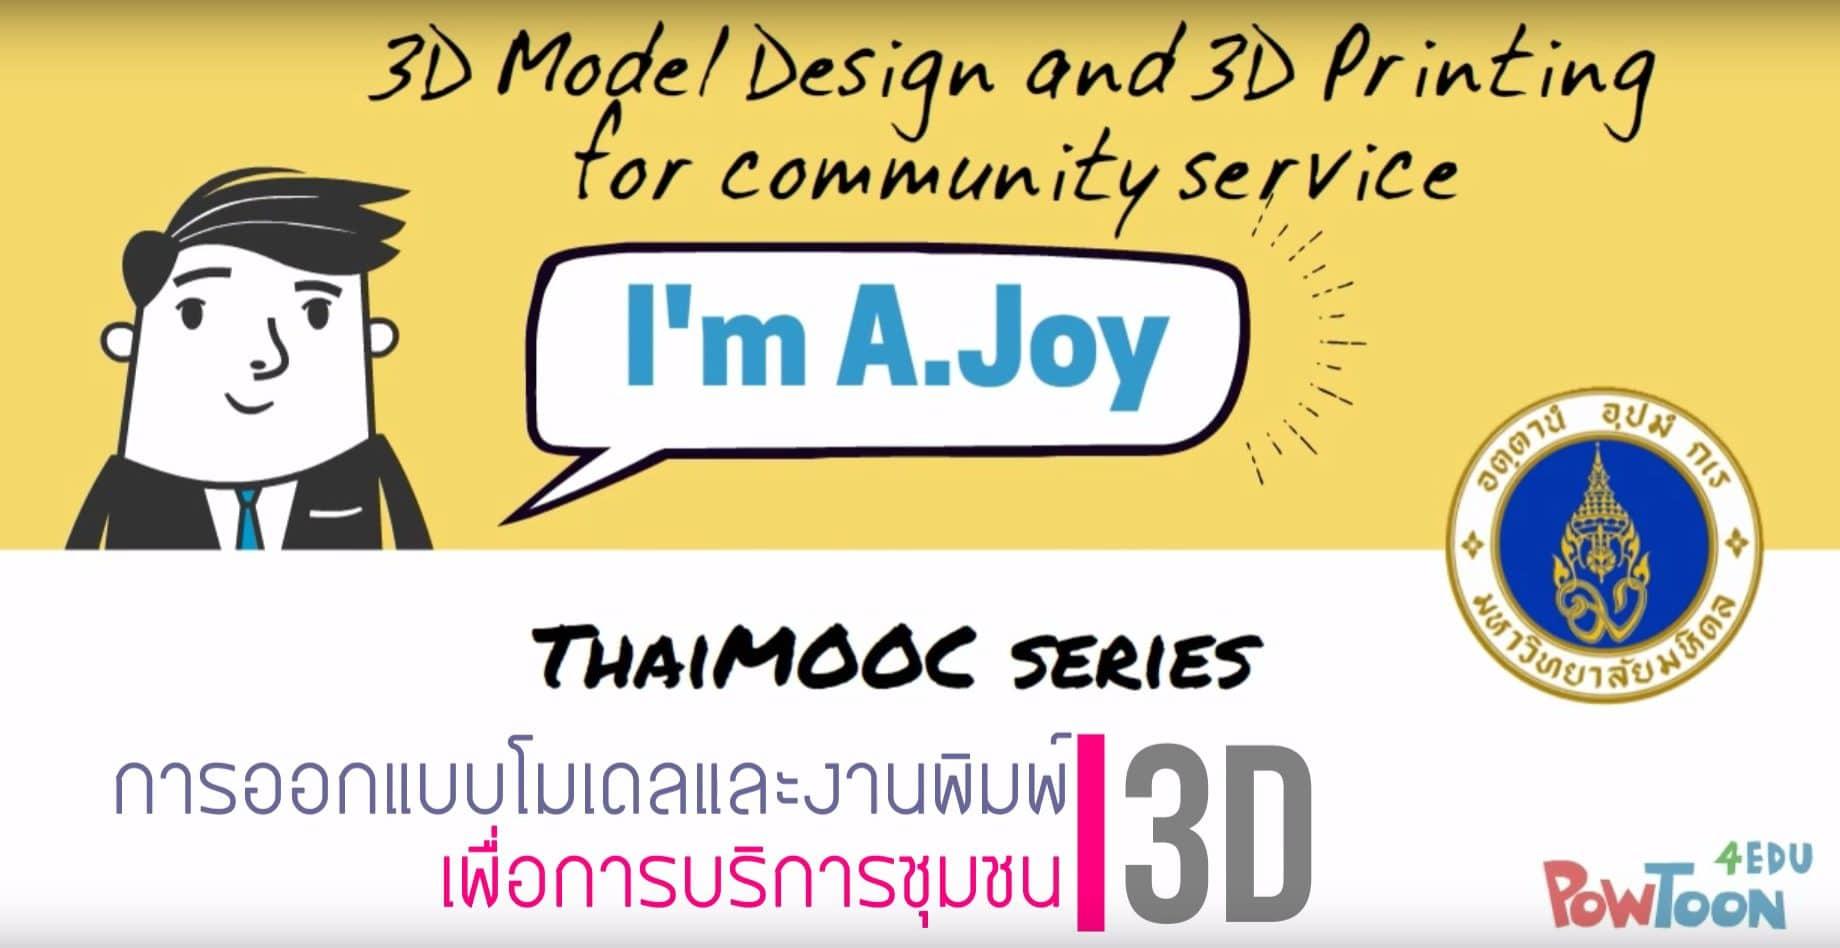 การออกแบบโมเดลและงานพิมพ์ 3D เพื่อการบริการชุมชน | 3D Model design & printing for community service